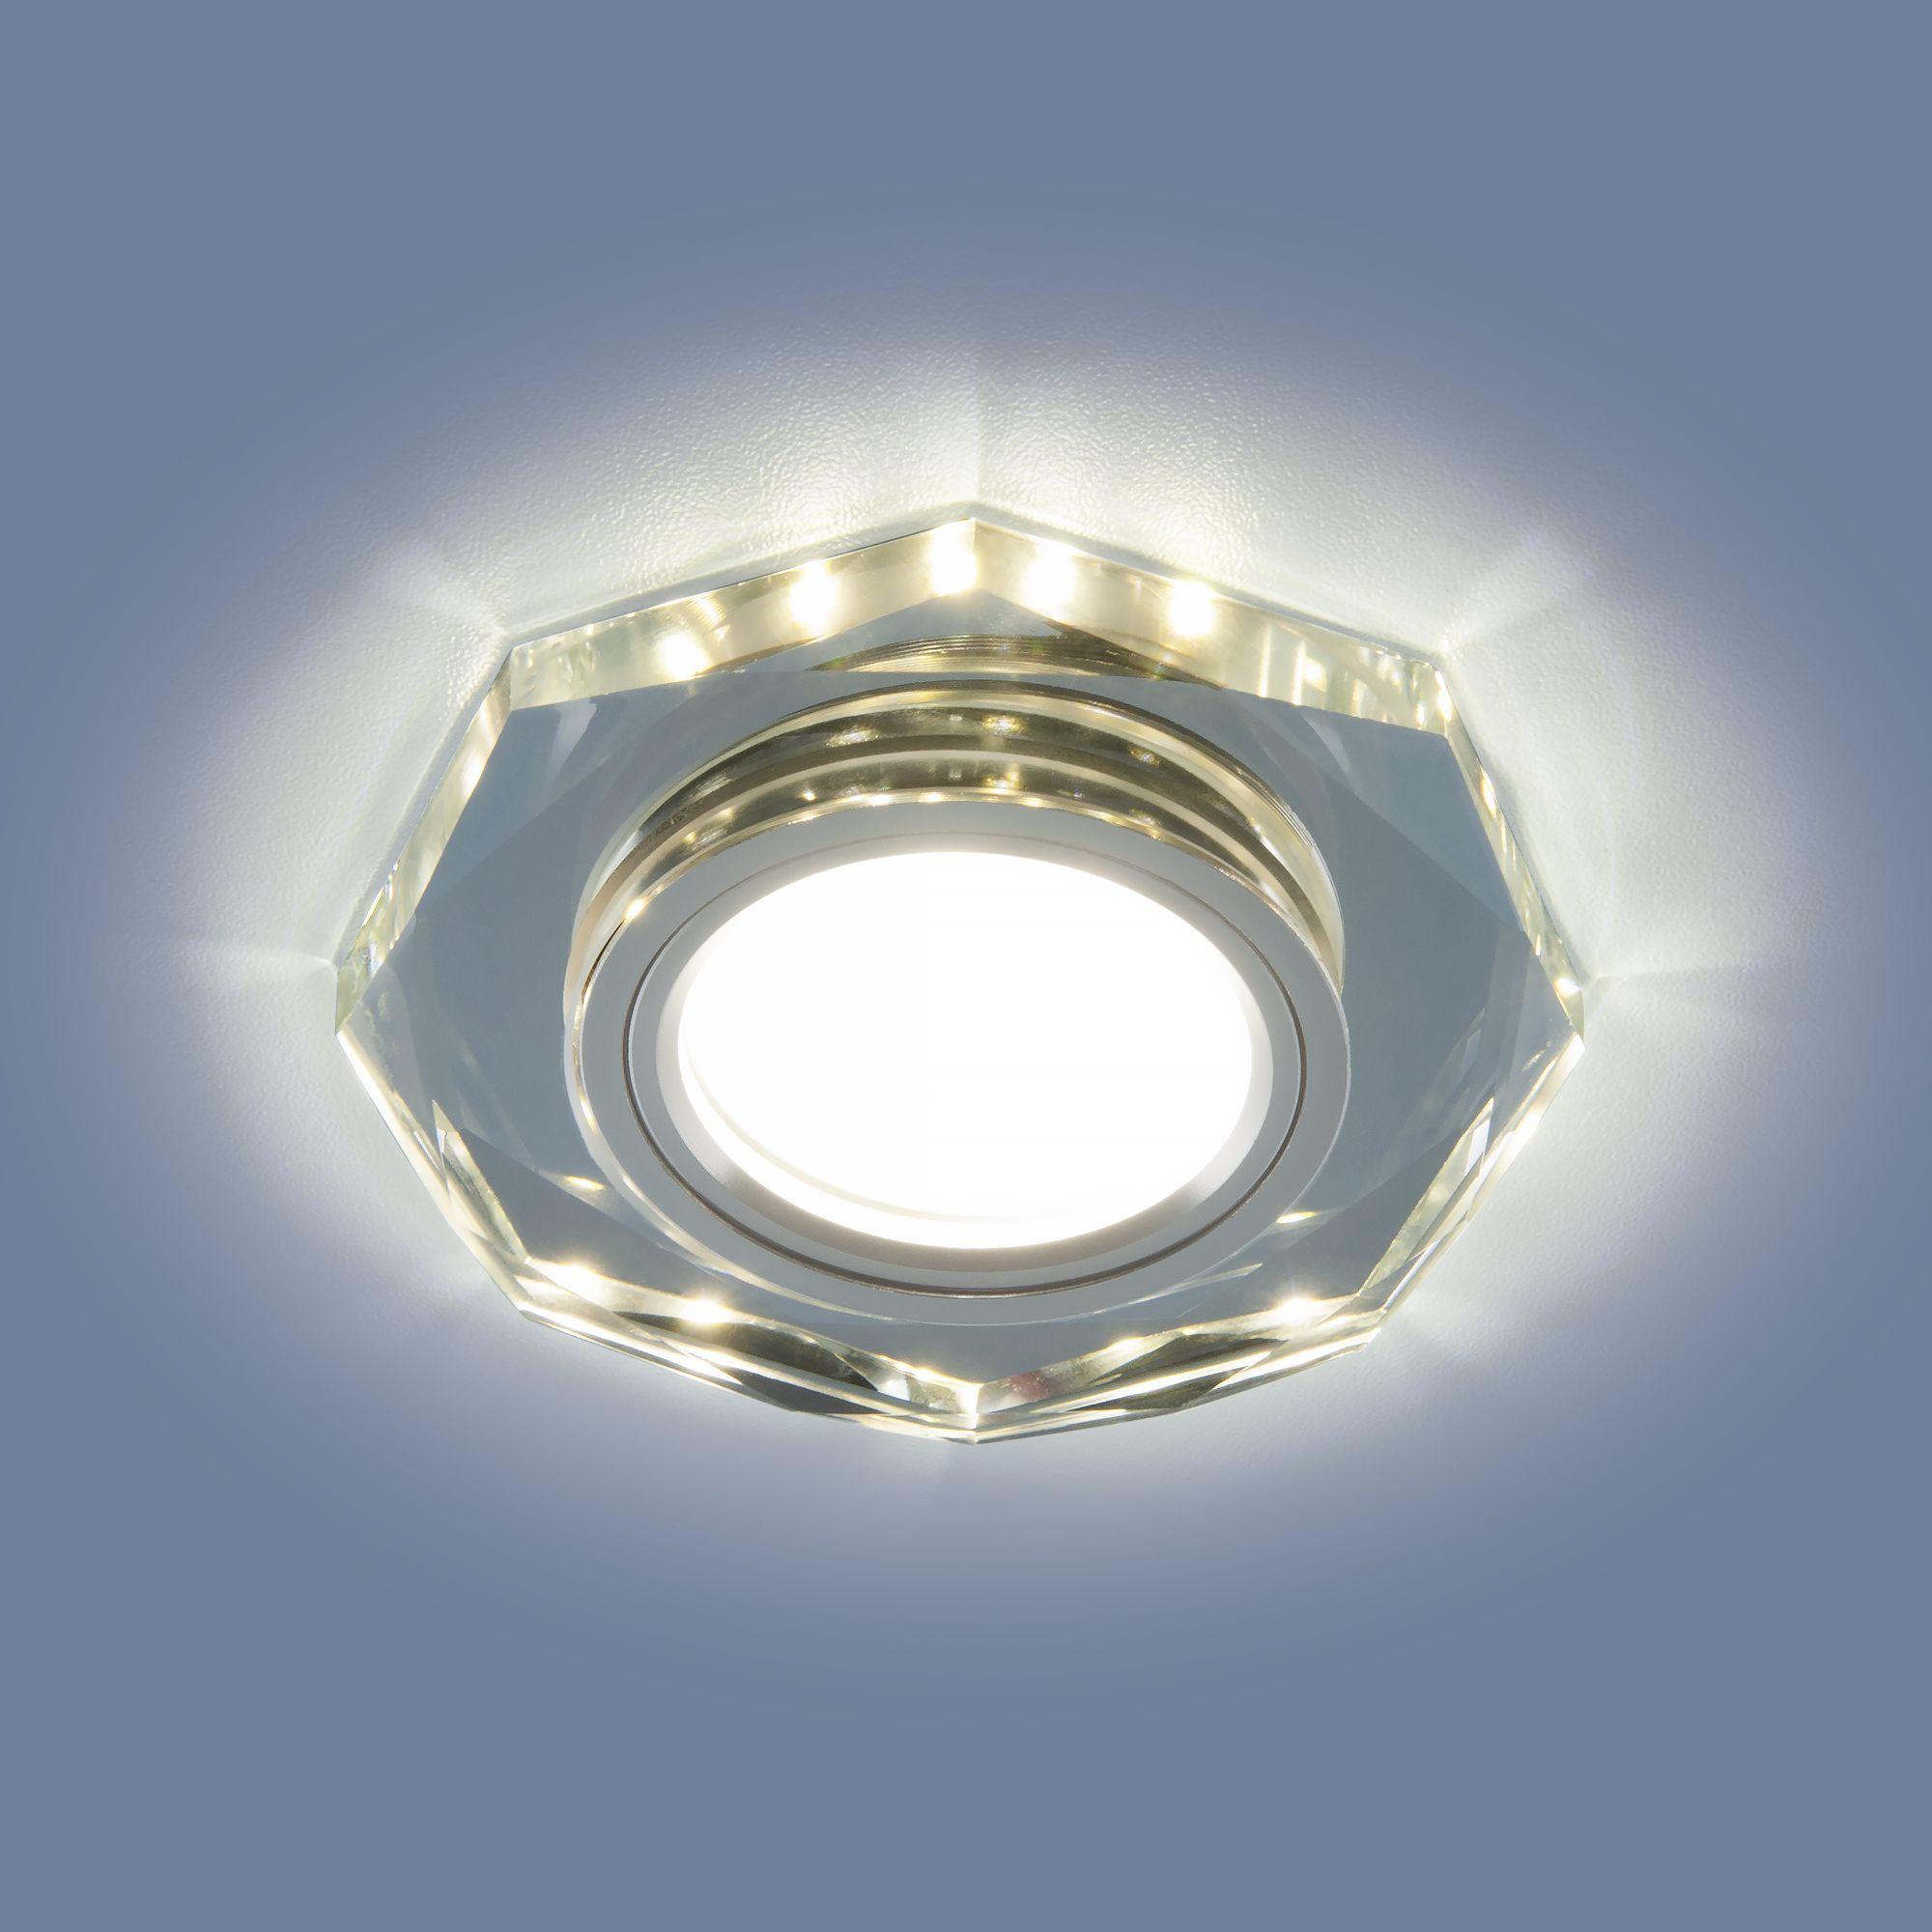 Встраиваемый потолочный светильник со светодиодной подсветкой 2226 MR16